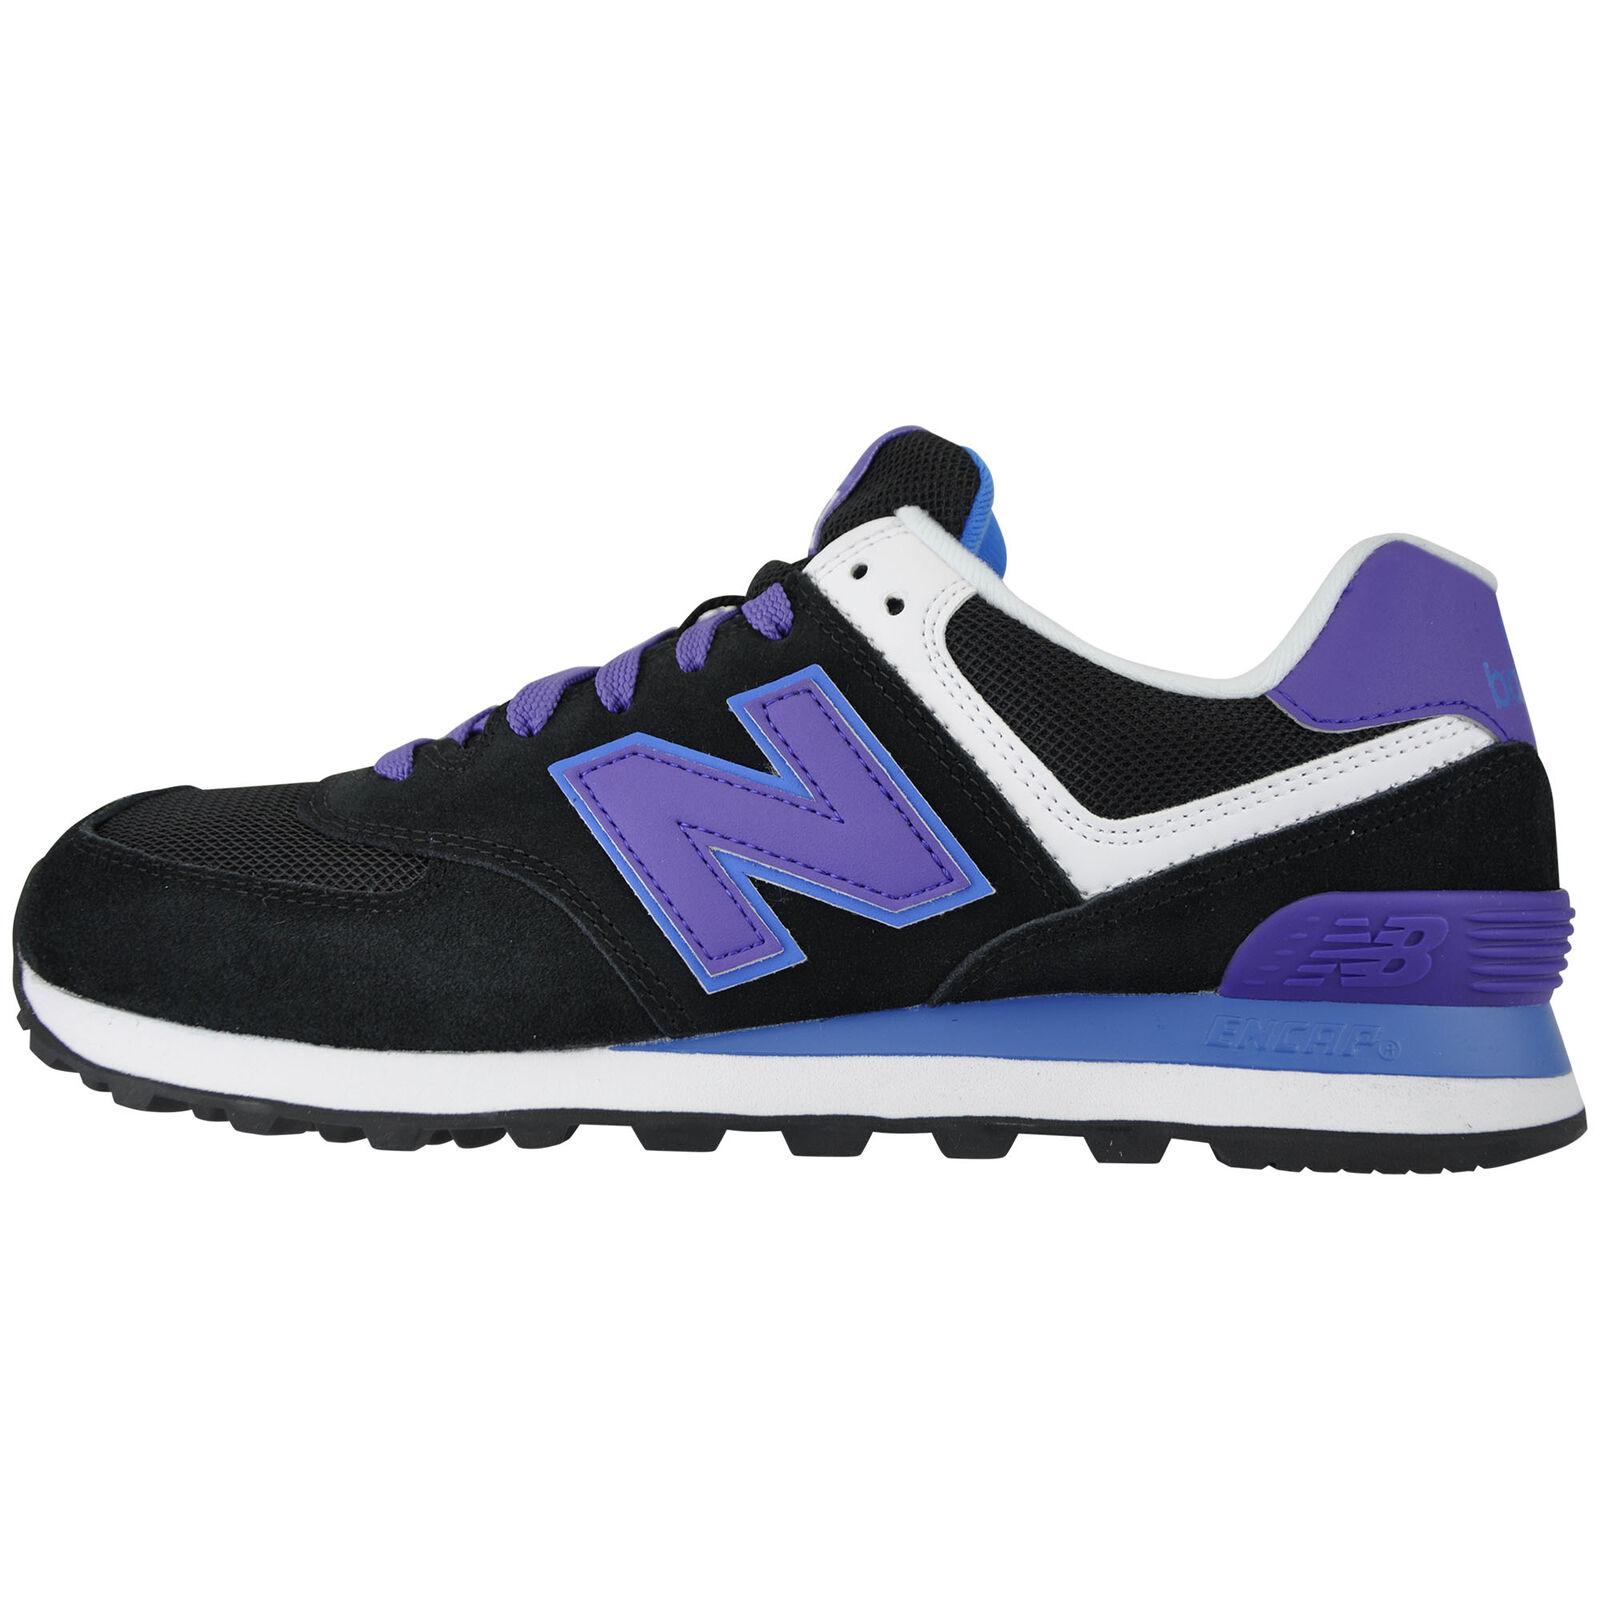 New balance balance New wl574mox mujeres zapato cortos estiloso calzado zapatillas 966d48